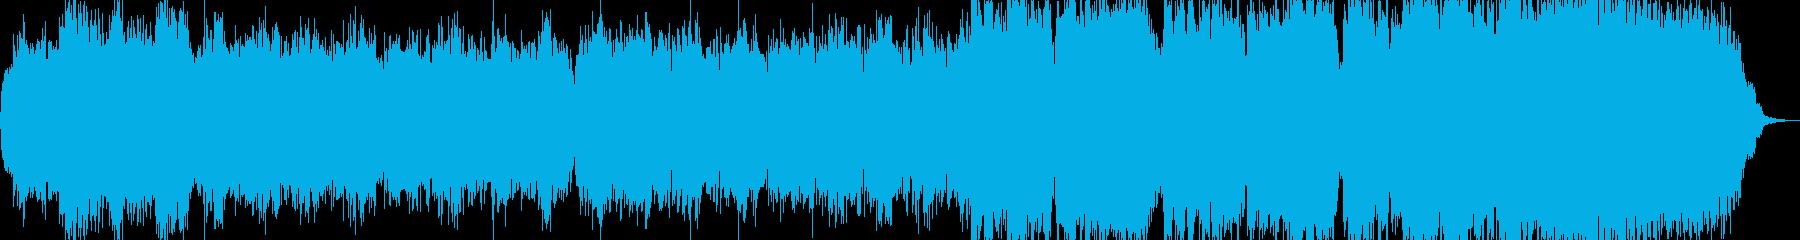 富田勲風の壮大な巡礼のオリジナルBGMの再生済みの波形